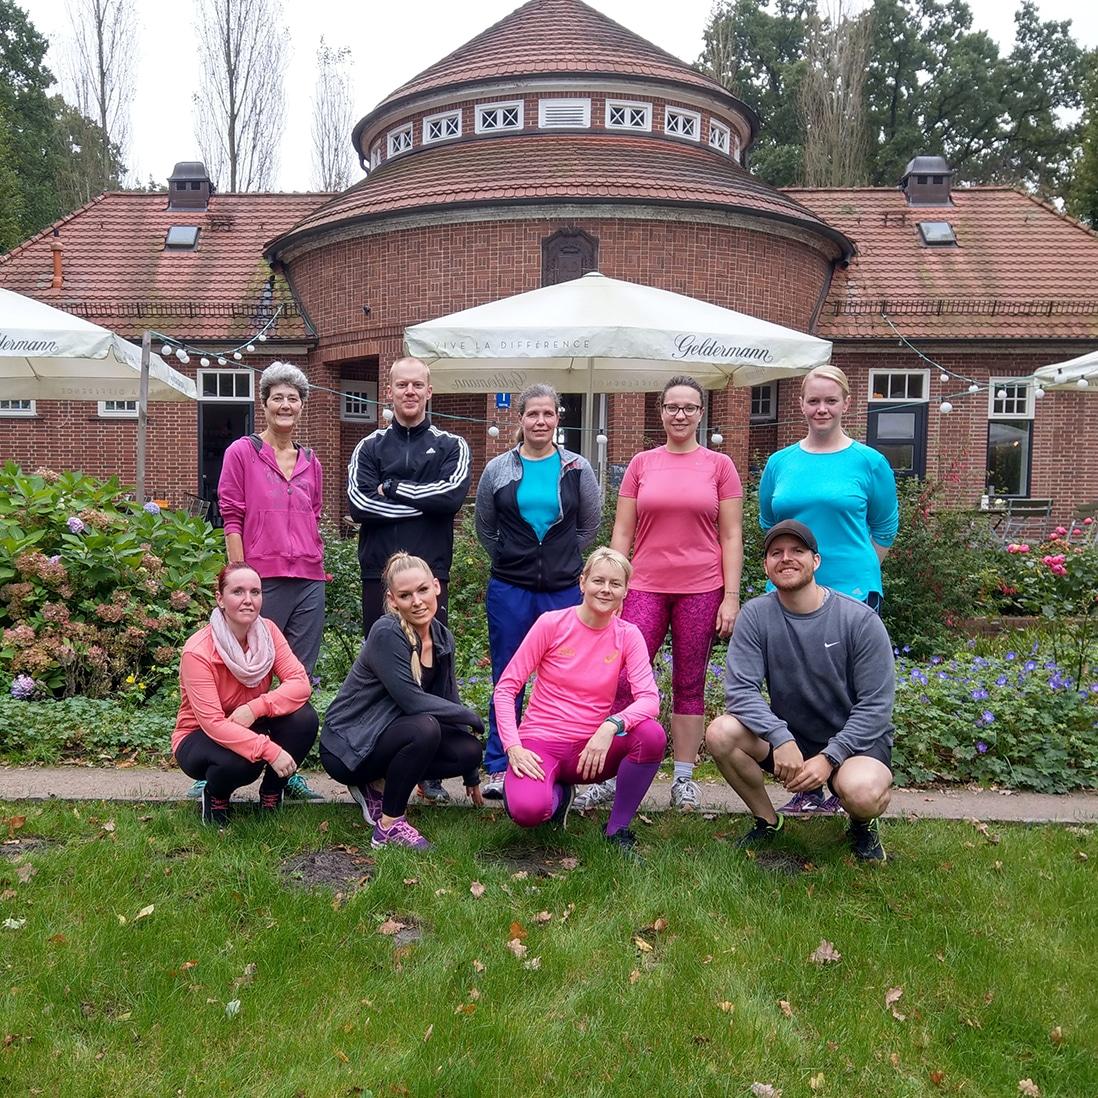 Laufgruppe Hamburg Stadtpark Ralfletics - Alles läuft Trinkhalle im Stadtpark